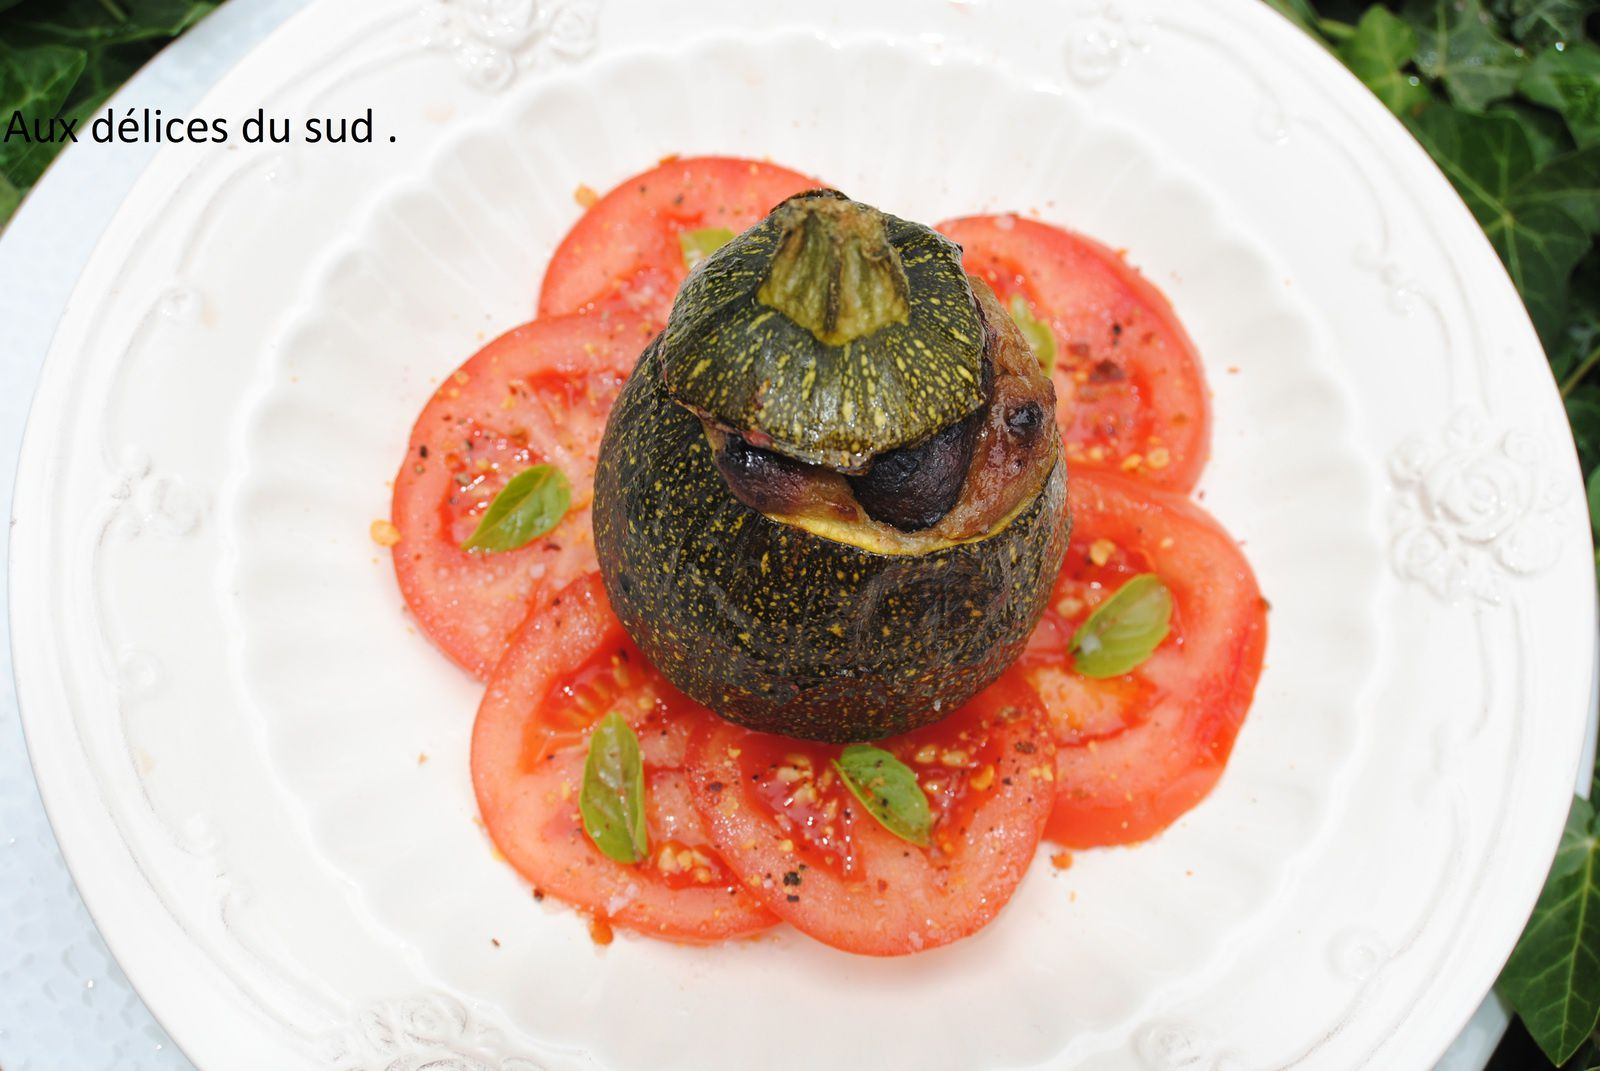 Courgettes farcies au caviar d'aubergines .